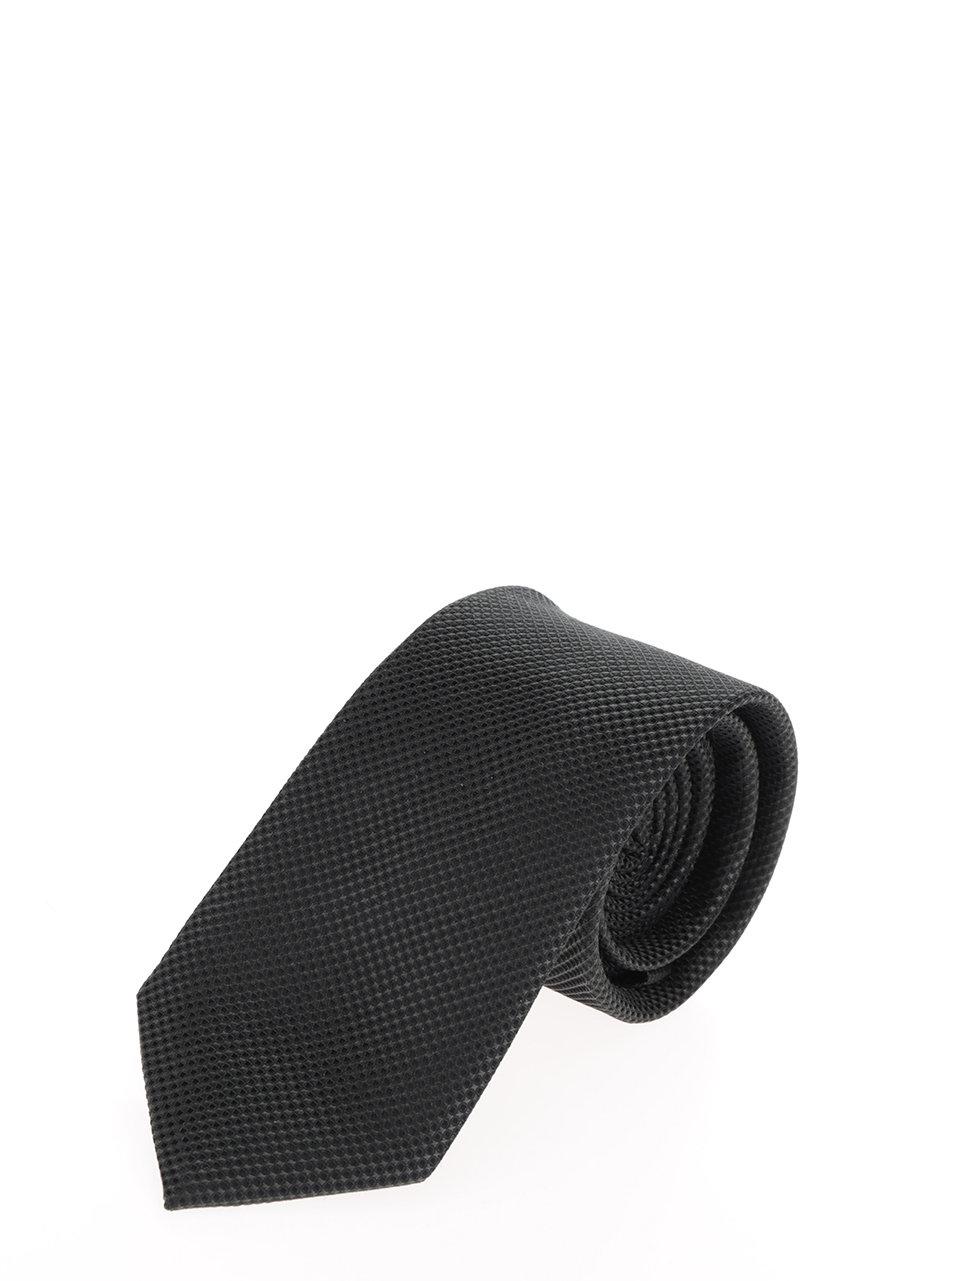 a224083b426 Tmavě zelená hedvábná kravata s drobným vzorem Jack   Jones Premium  Colombia ...